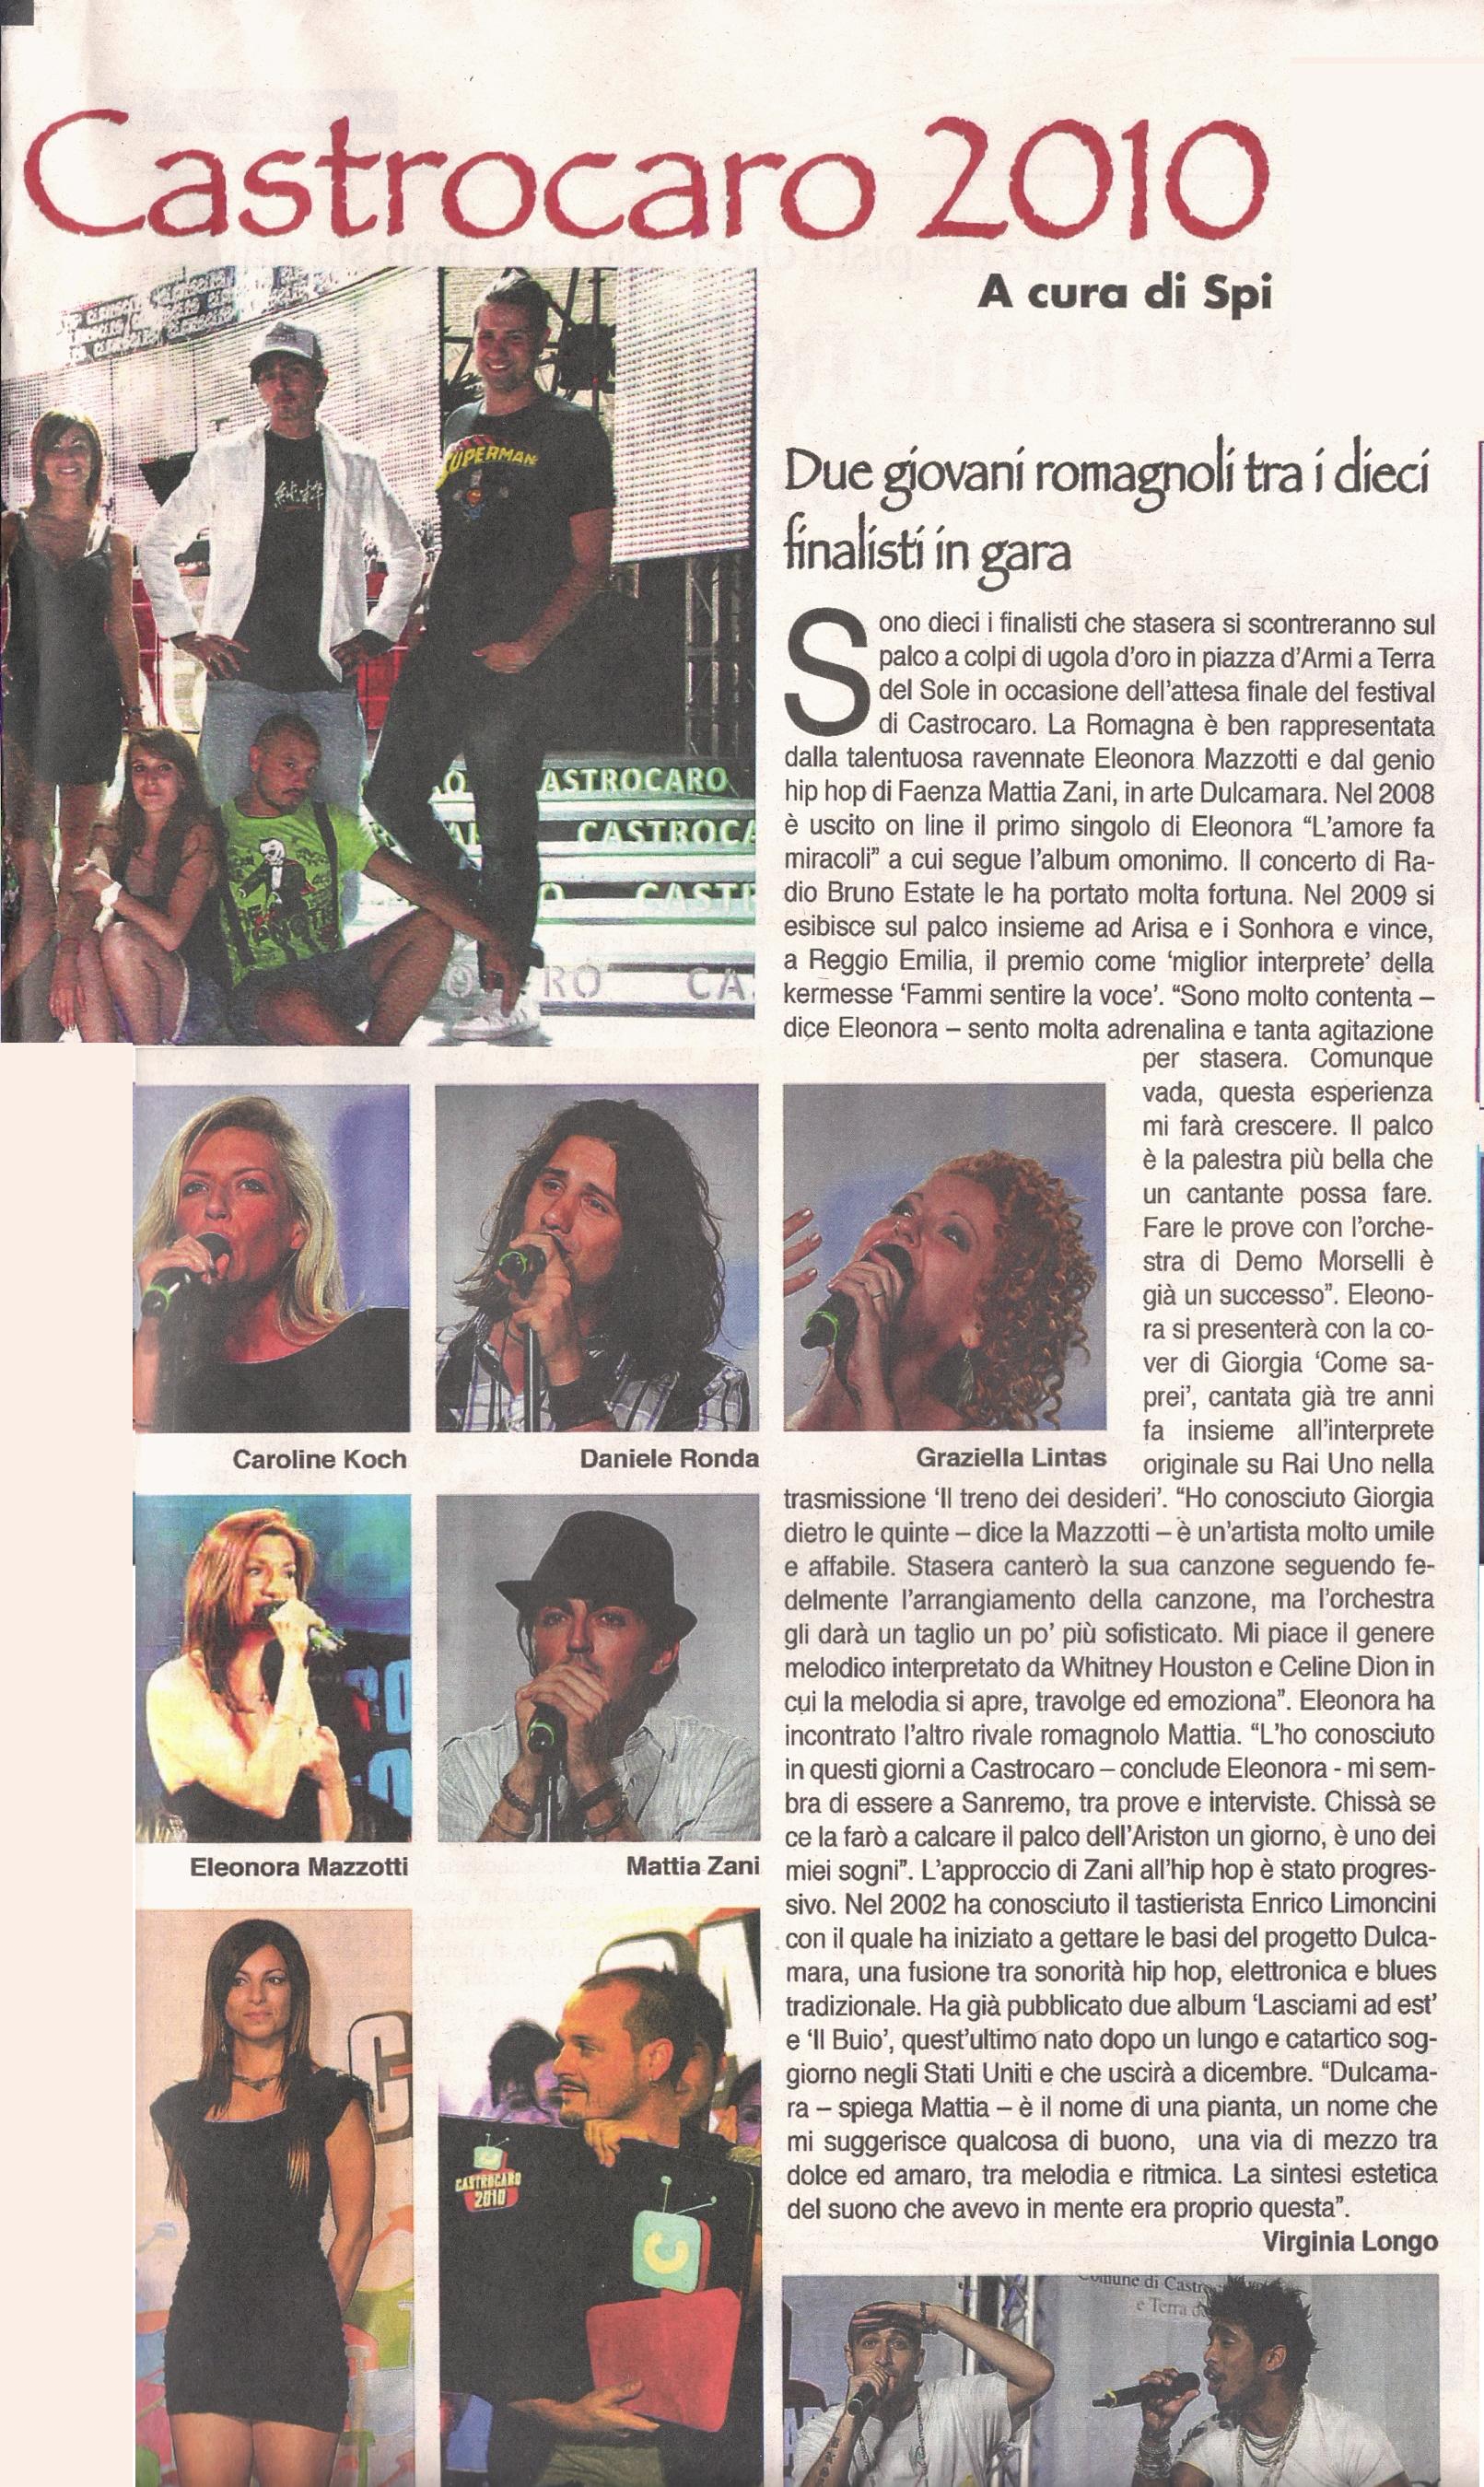 La Voce di Romagna, Fc, 16_07_2010 pag 2